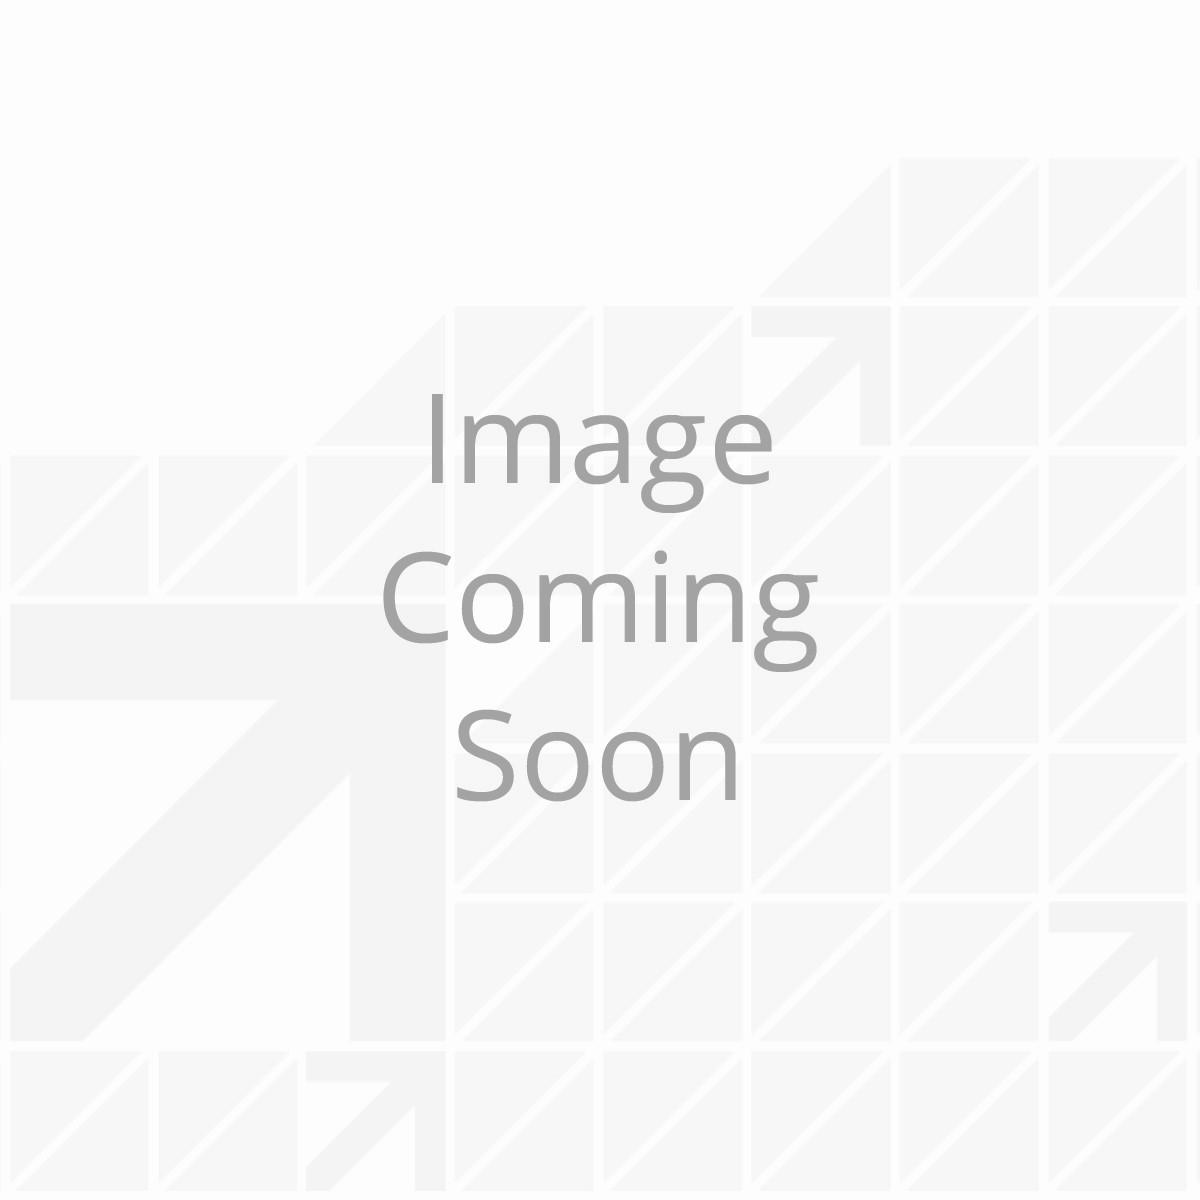 Screen Door Slider Panel with Push-Down Knob Opener